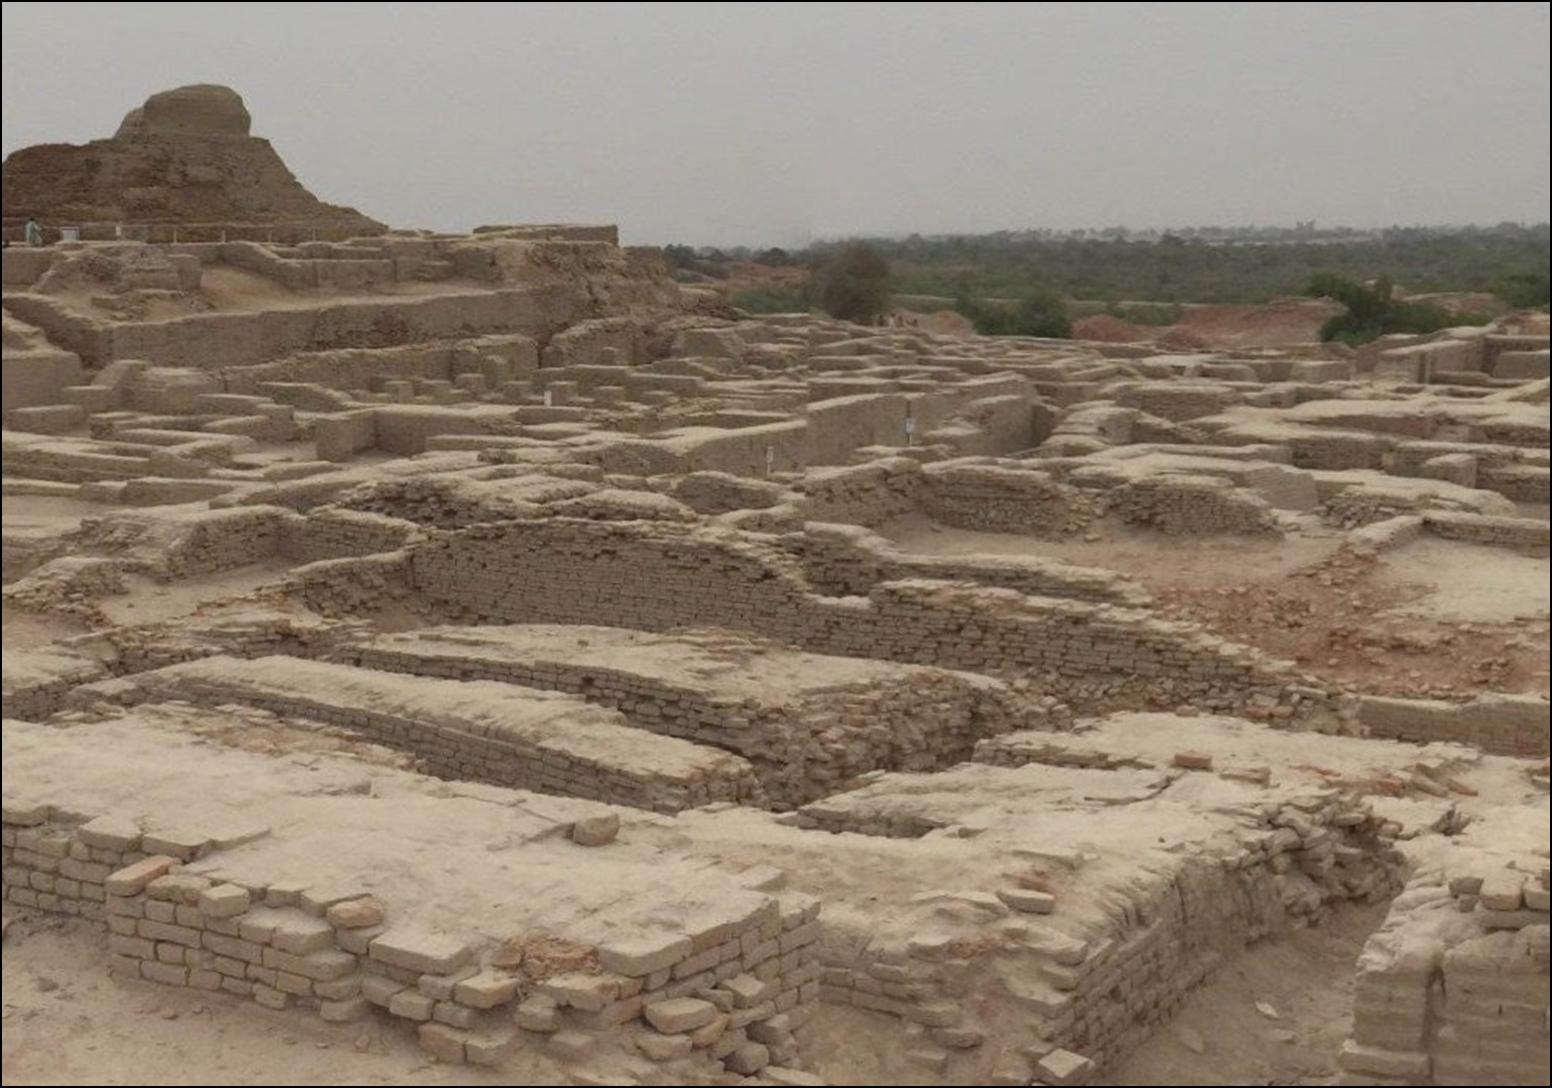 Древний город, который был уничтожен неведомой силой тысячи лет назад - Мохенджо Даро